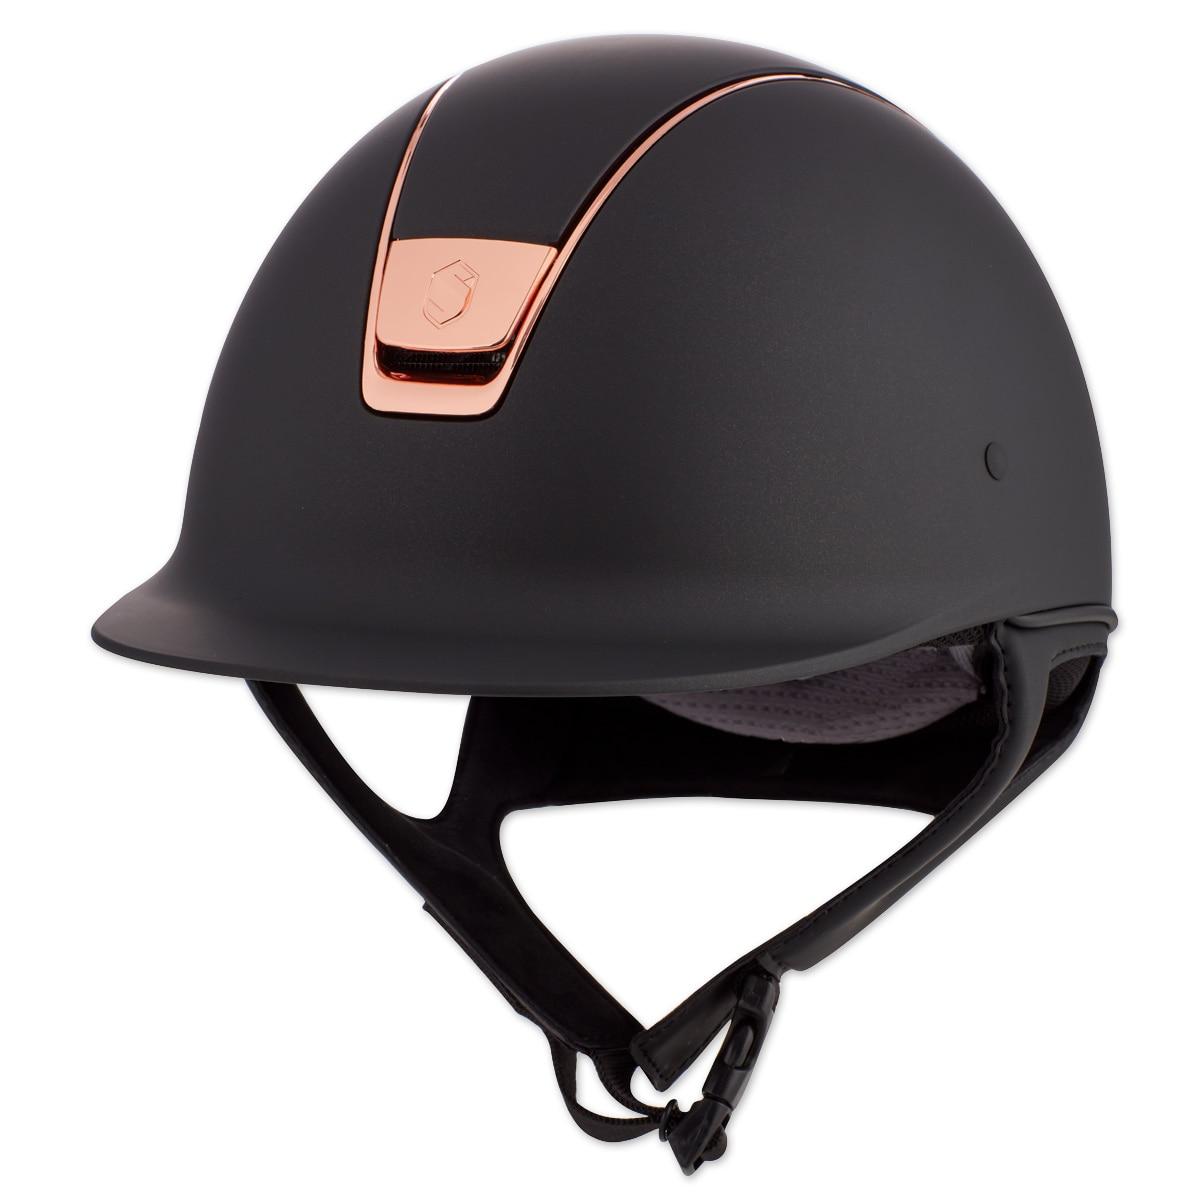 Samshield Shadowmatt Rose Gold Helmet